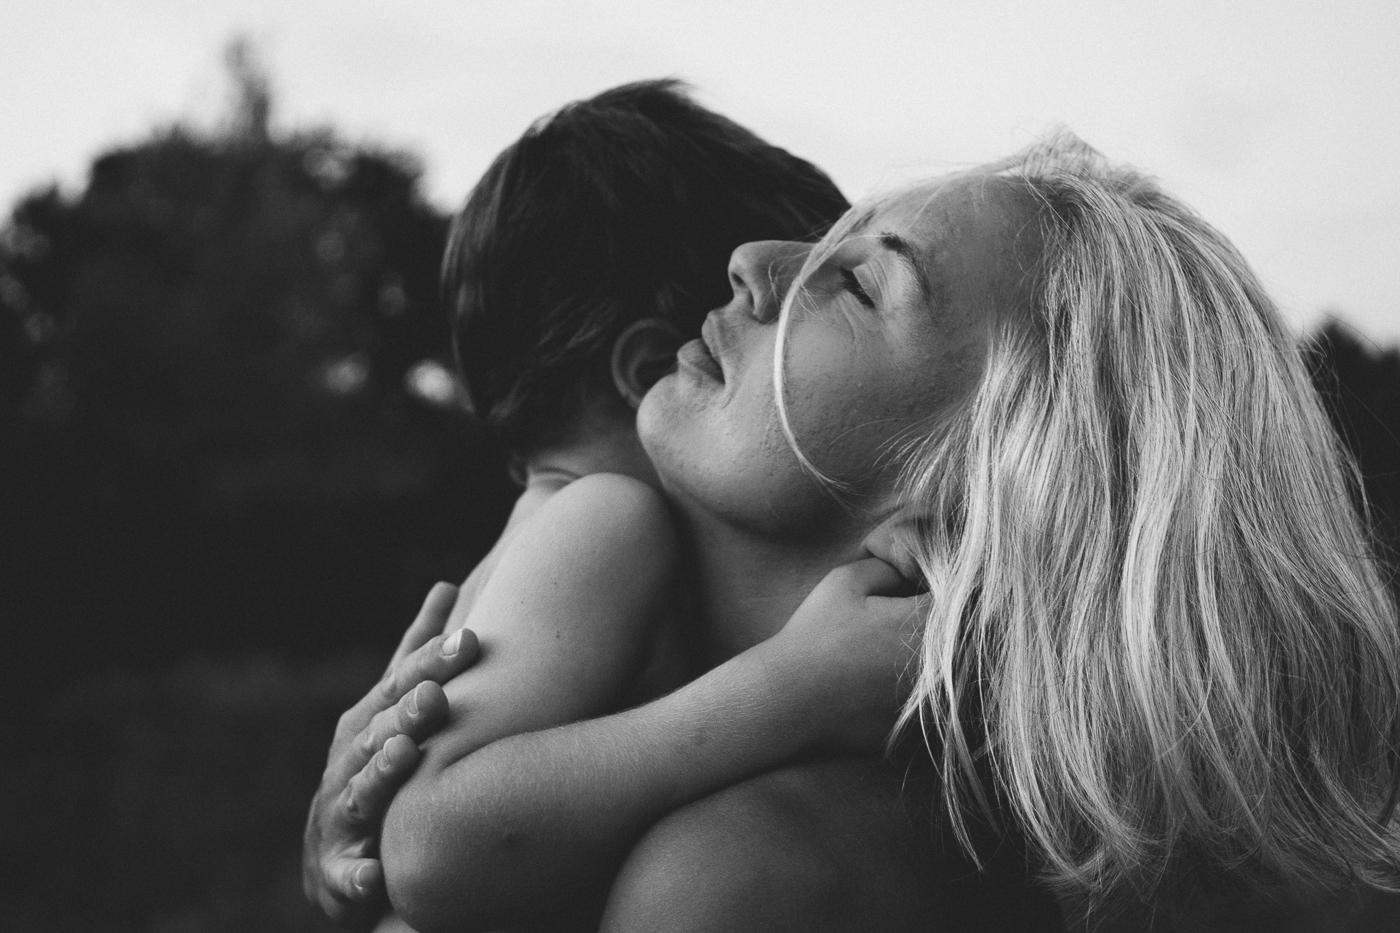 rebecca rinaldi photography. mamma con occhi chiuse stringe bimbo sognante